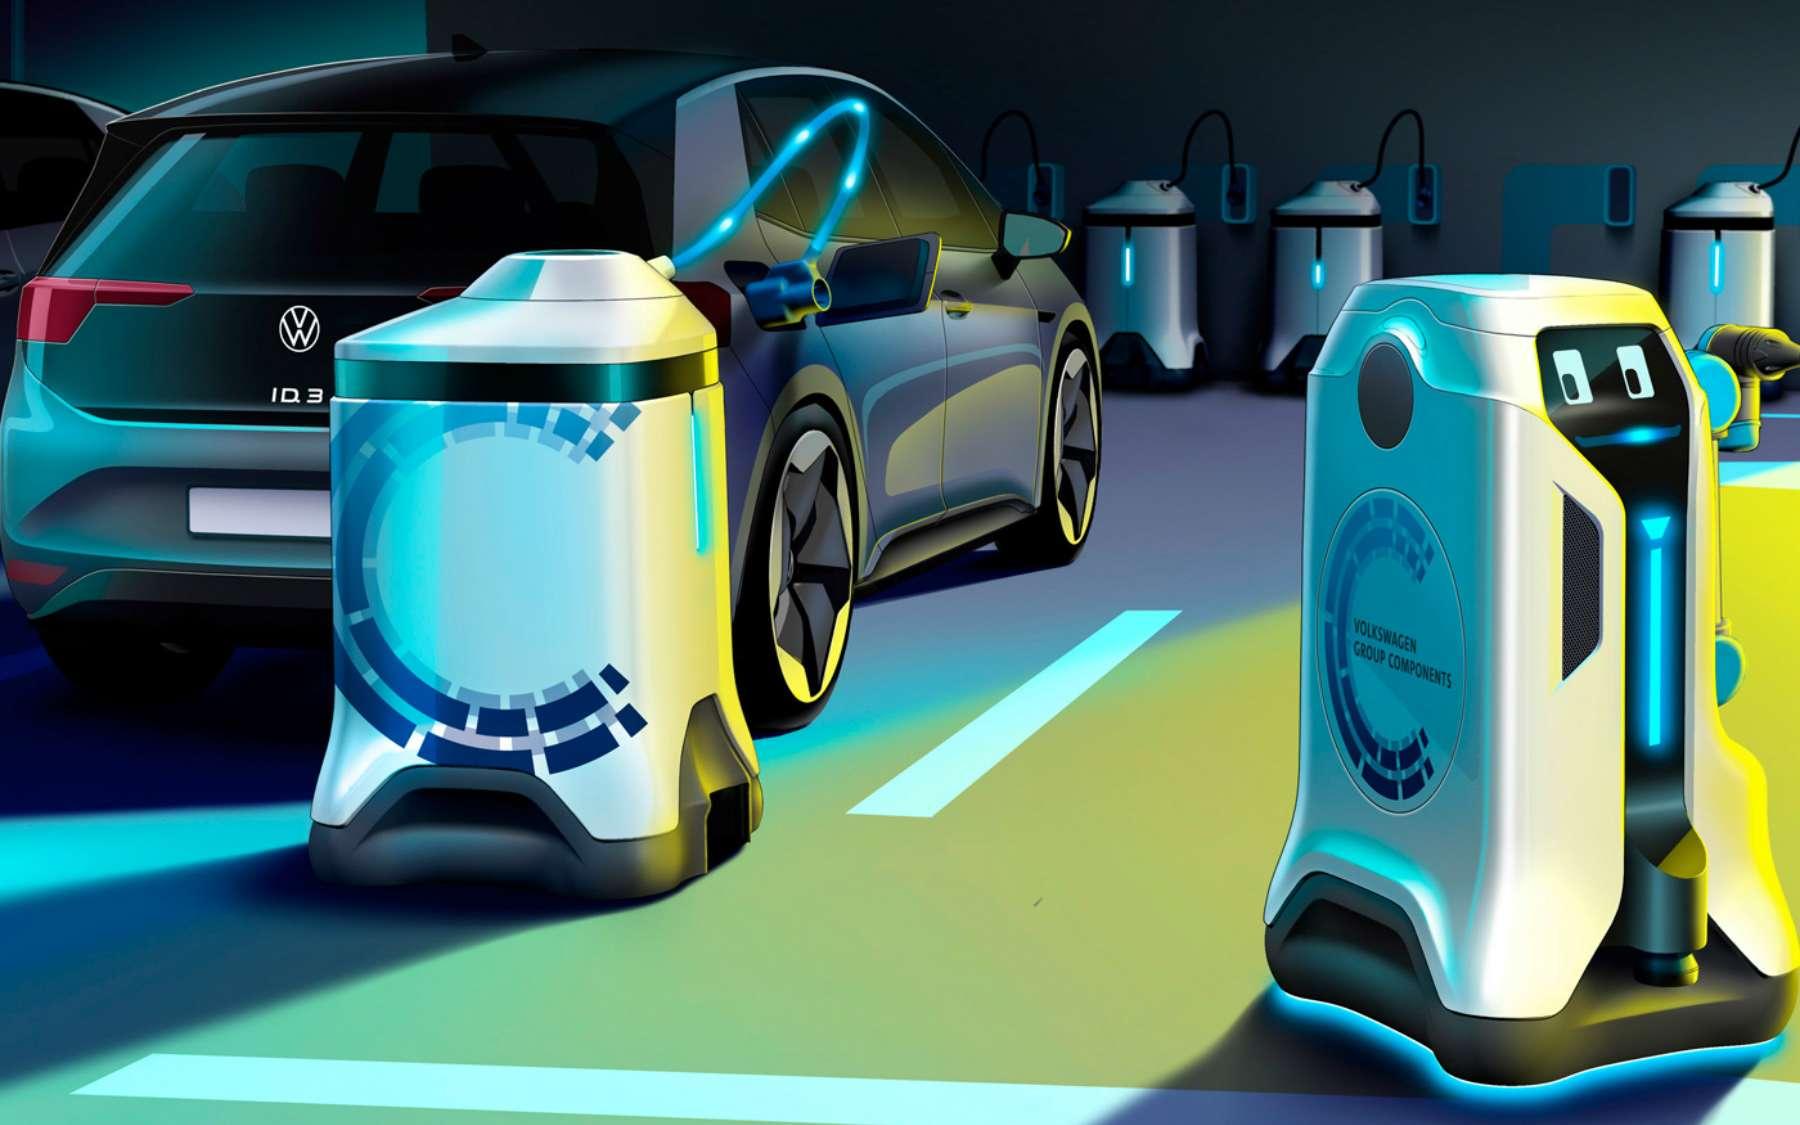 ici, des robots autonomes qui, Selon le constructeur automobile Volkswagen, pourront transformer n'importe quel parking en station de recharge pour véhicule électrique. © Volkswagen